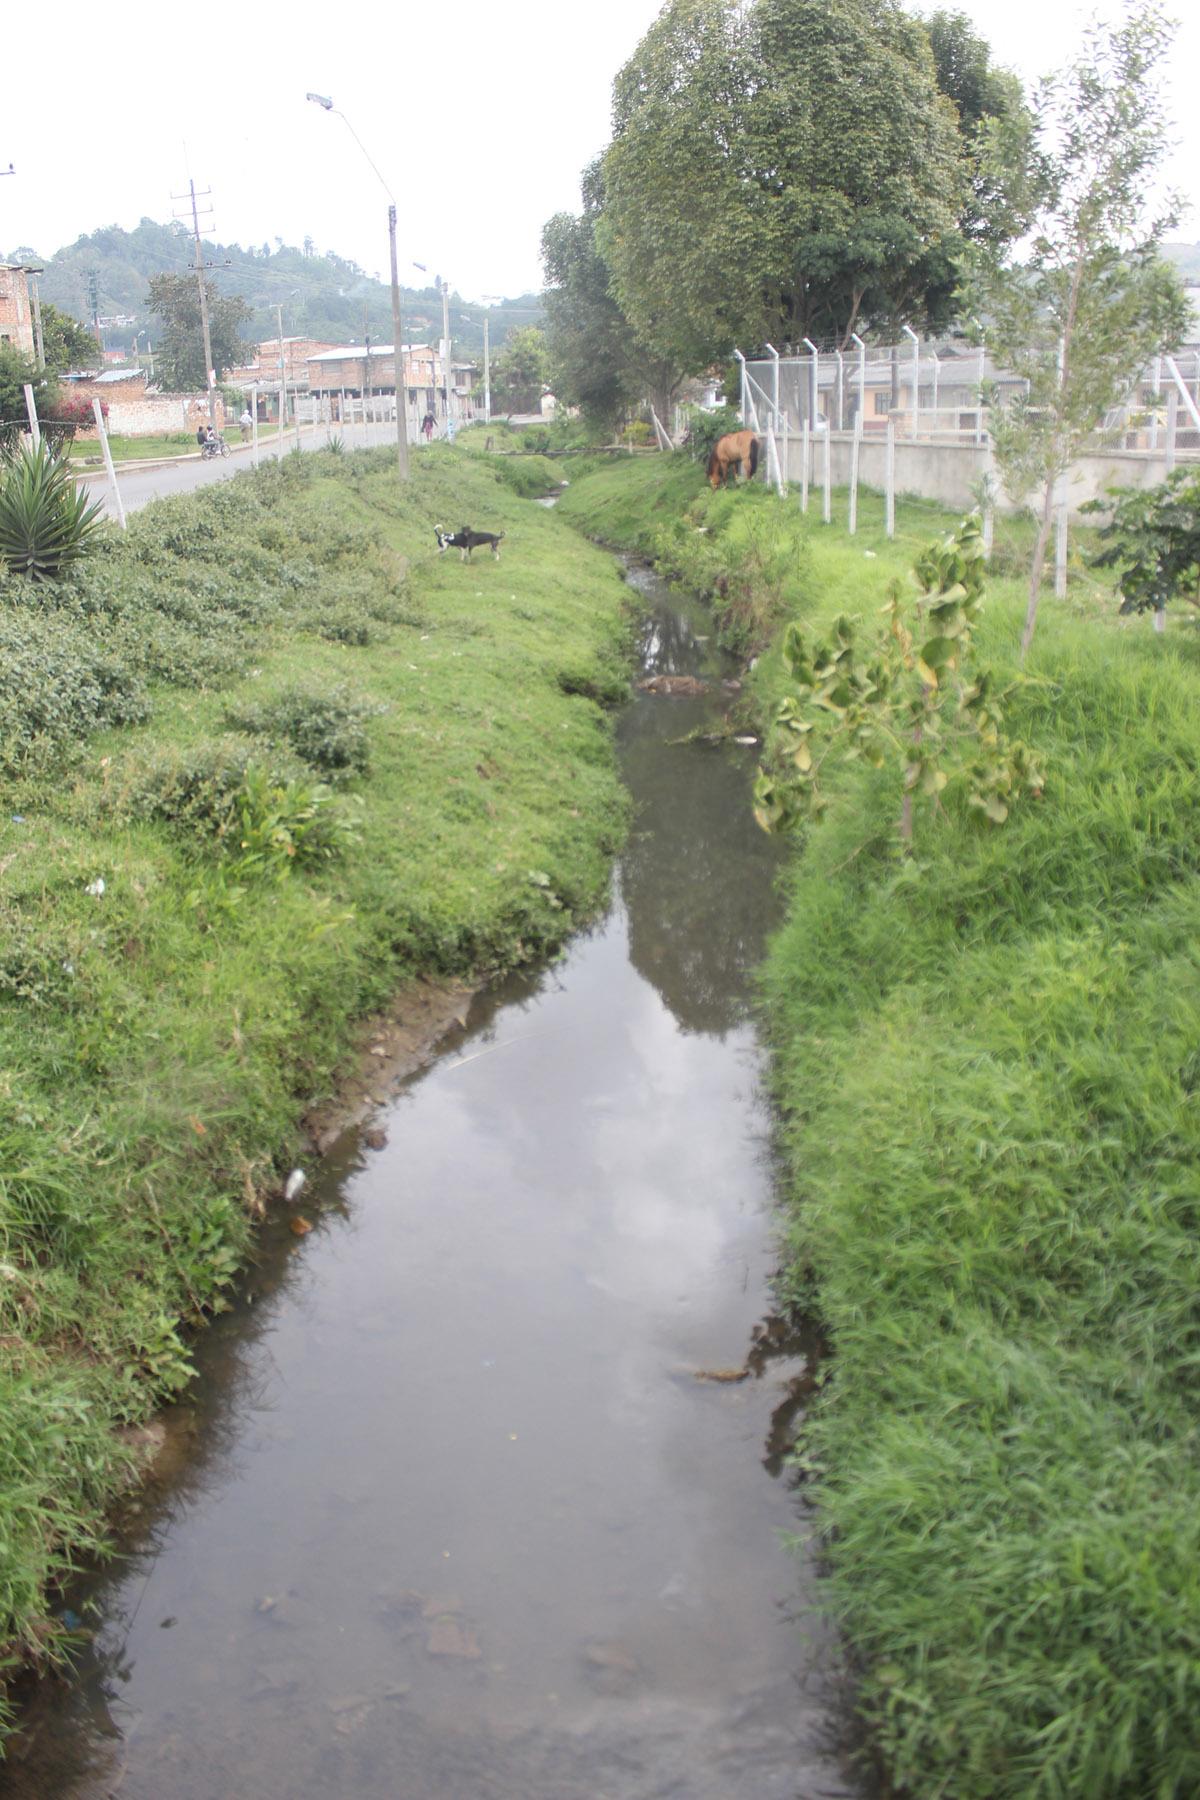 Recuperación de las cuencas como El Río Ejido hacen parte del proyecto / Imagen suministrada.